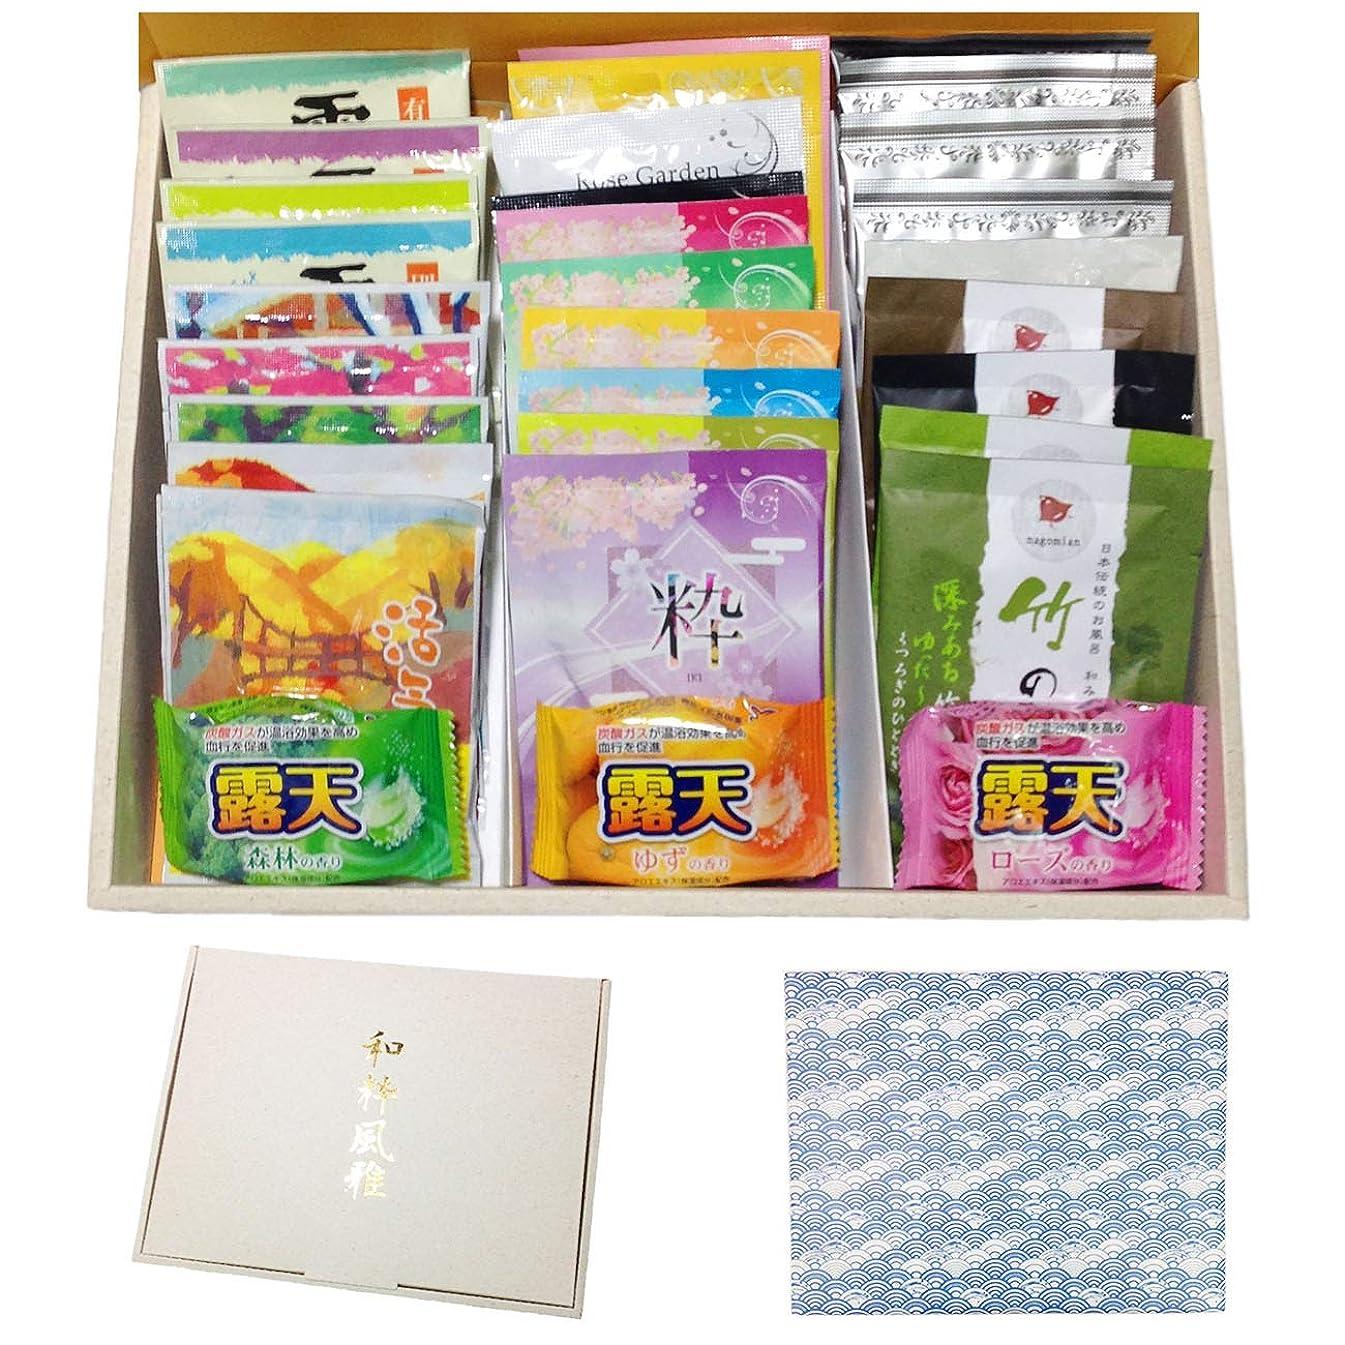 気づく万歳冷酷な入浴剤 ギフト セット 日本製 温泉 炭酸 つめあわせ バスギフト プレゼント 30種類/50種類 (50個50種類)